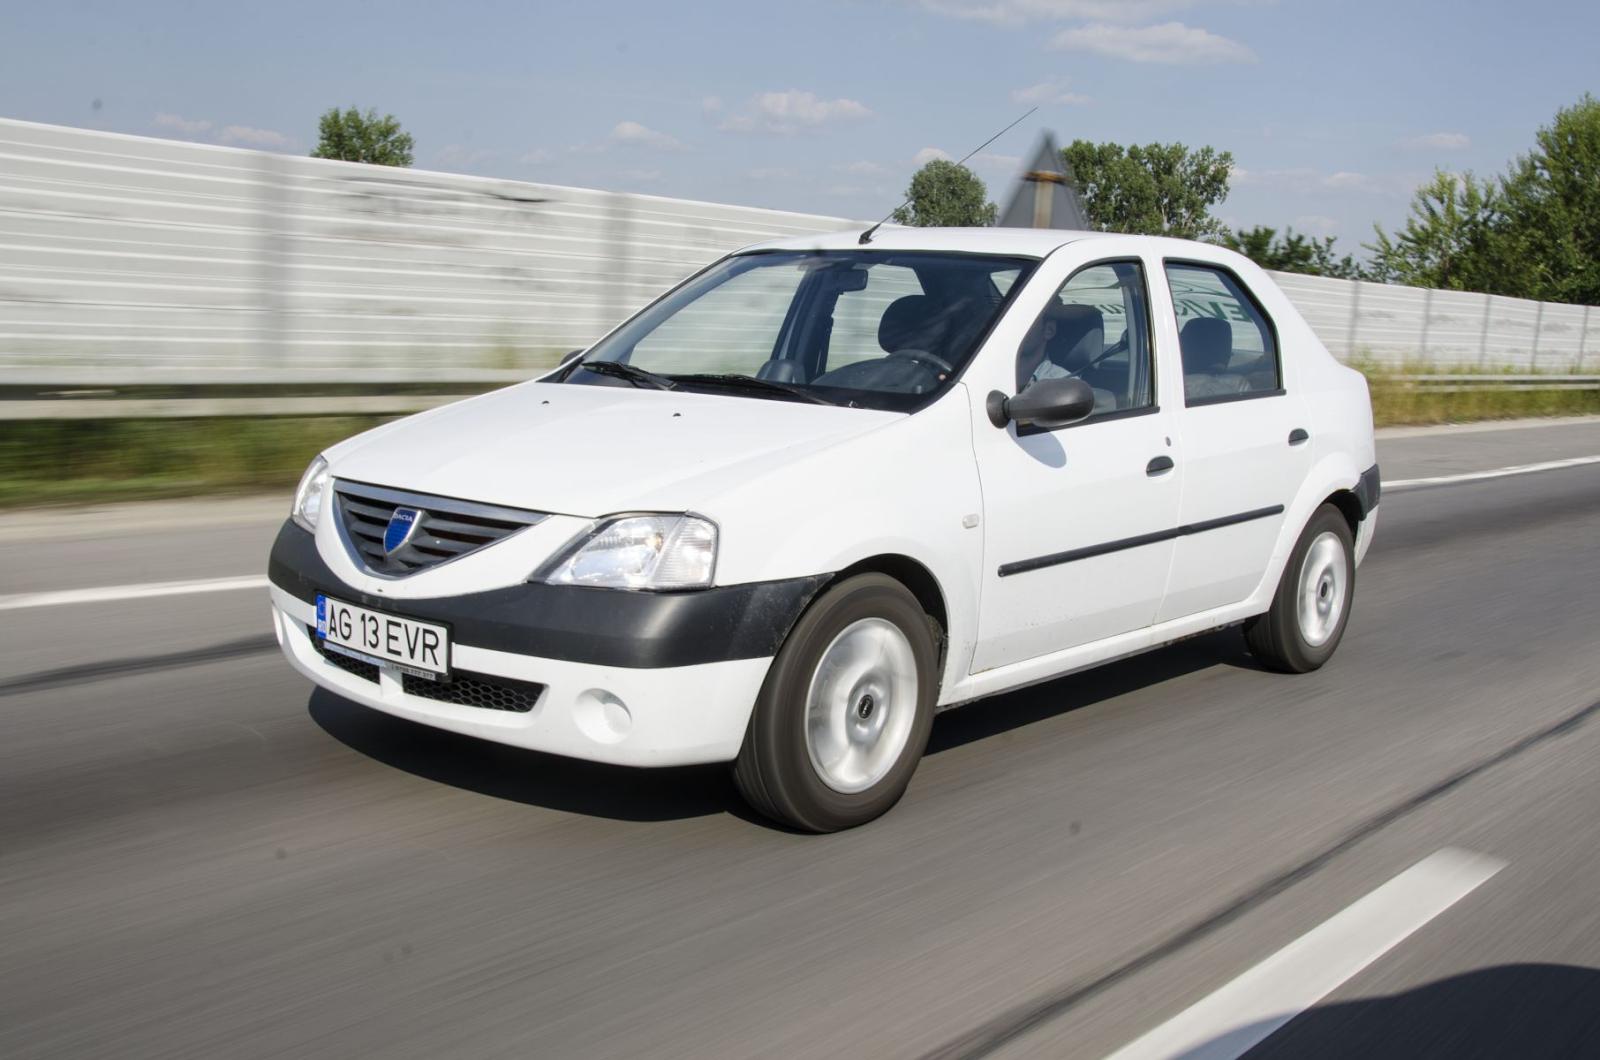 Умелец из Франции создал собственный электромобиль на базе Dacia Logan - 3